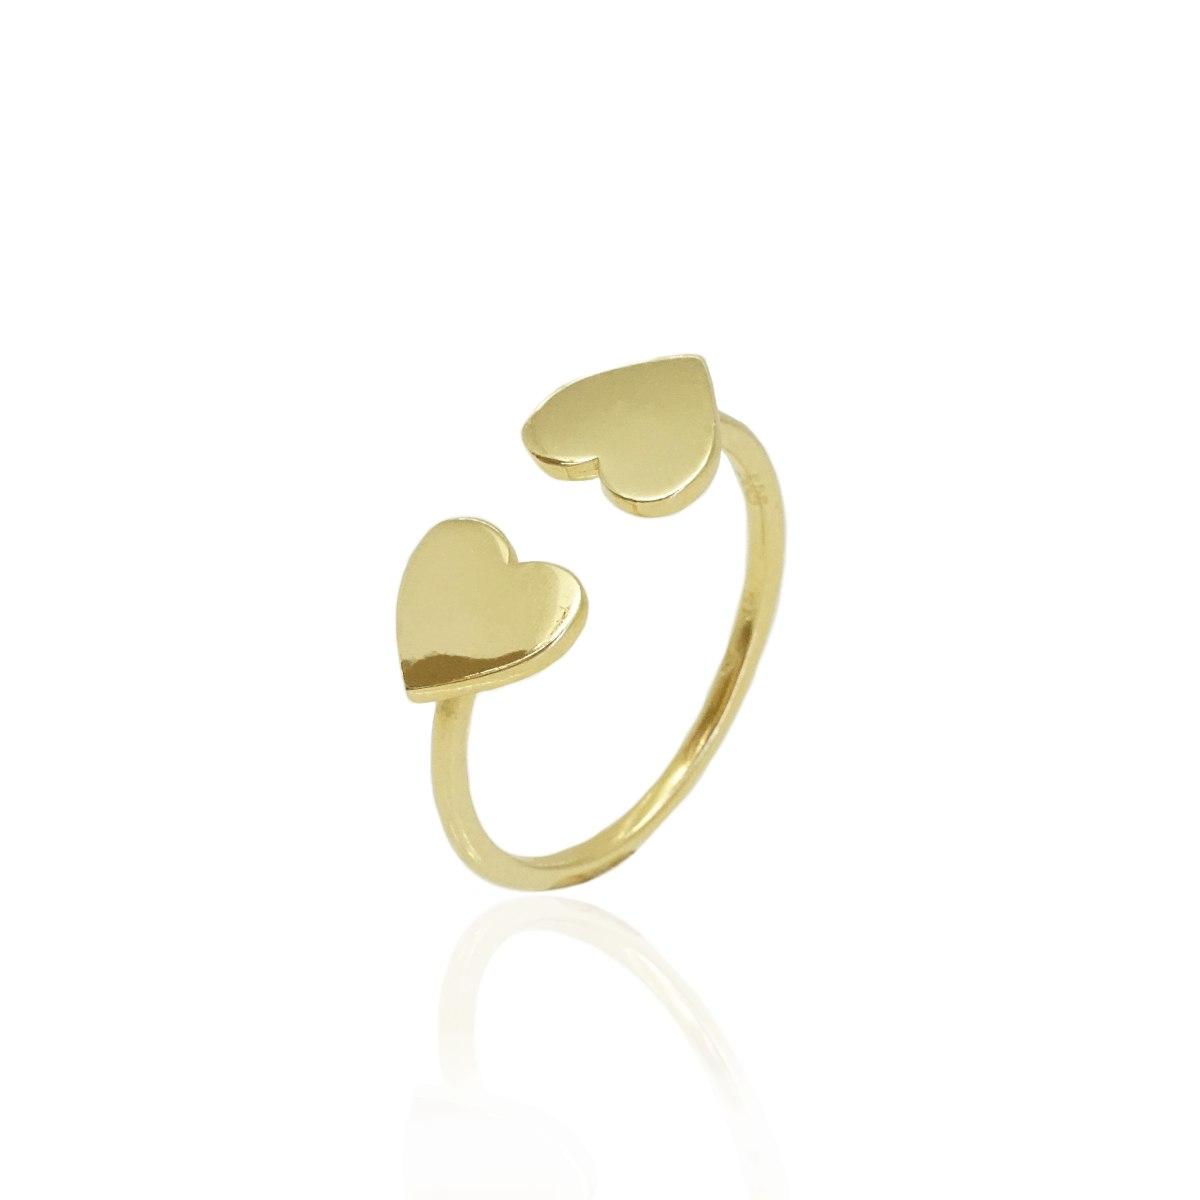 טבעת זהב לב פתוחה 14 קרט